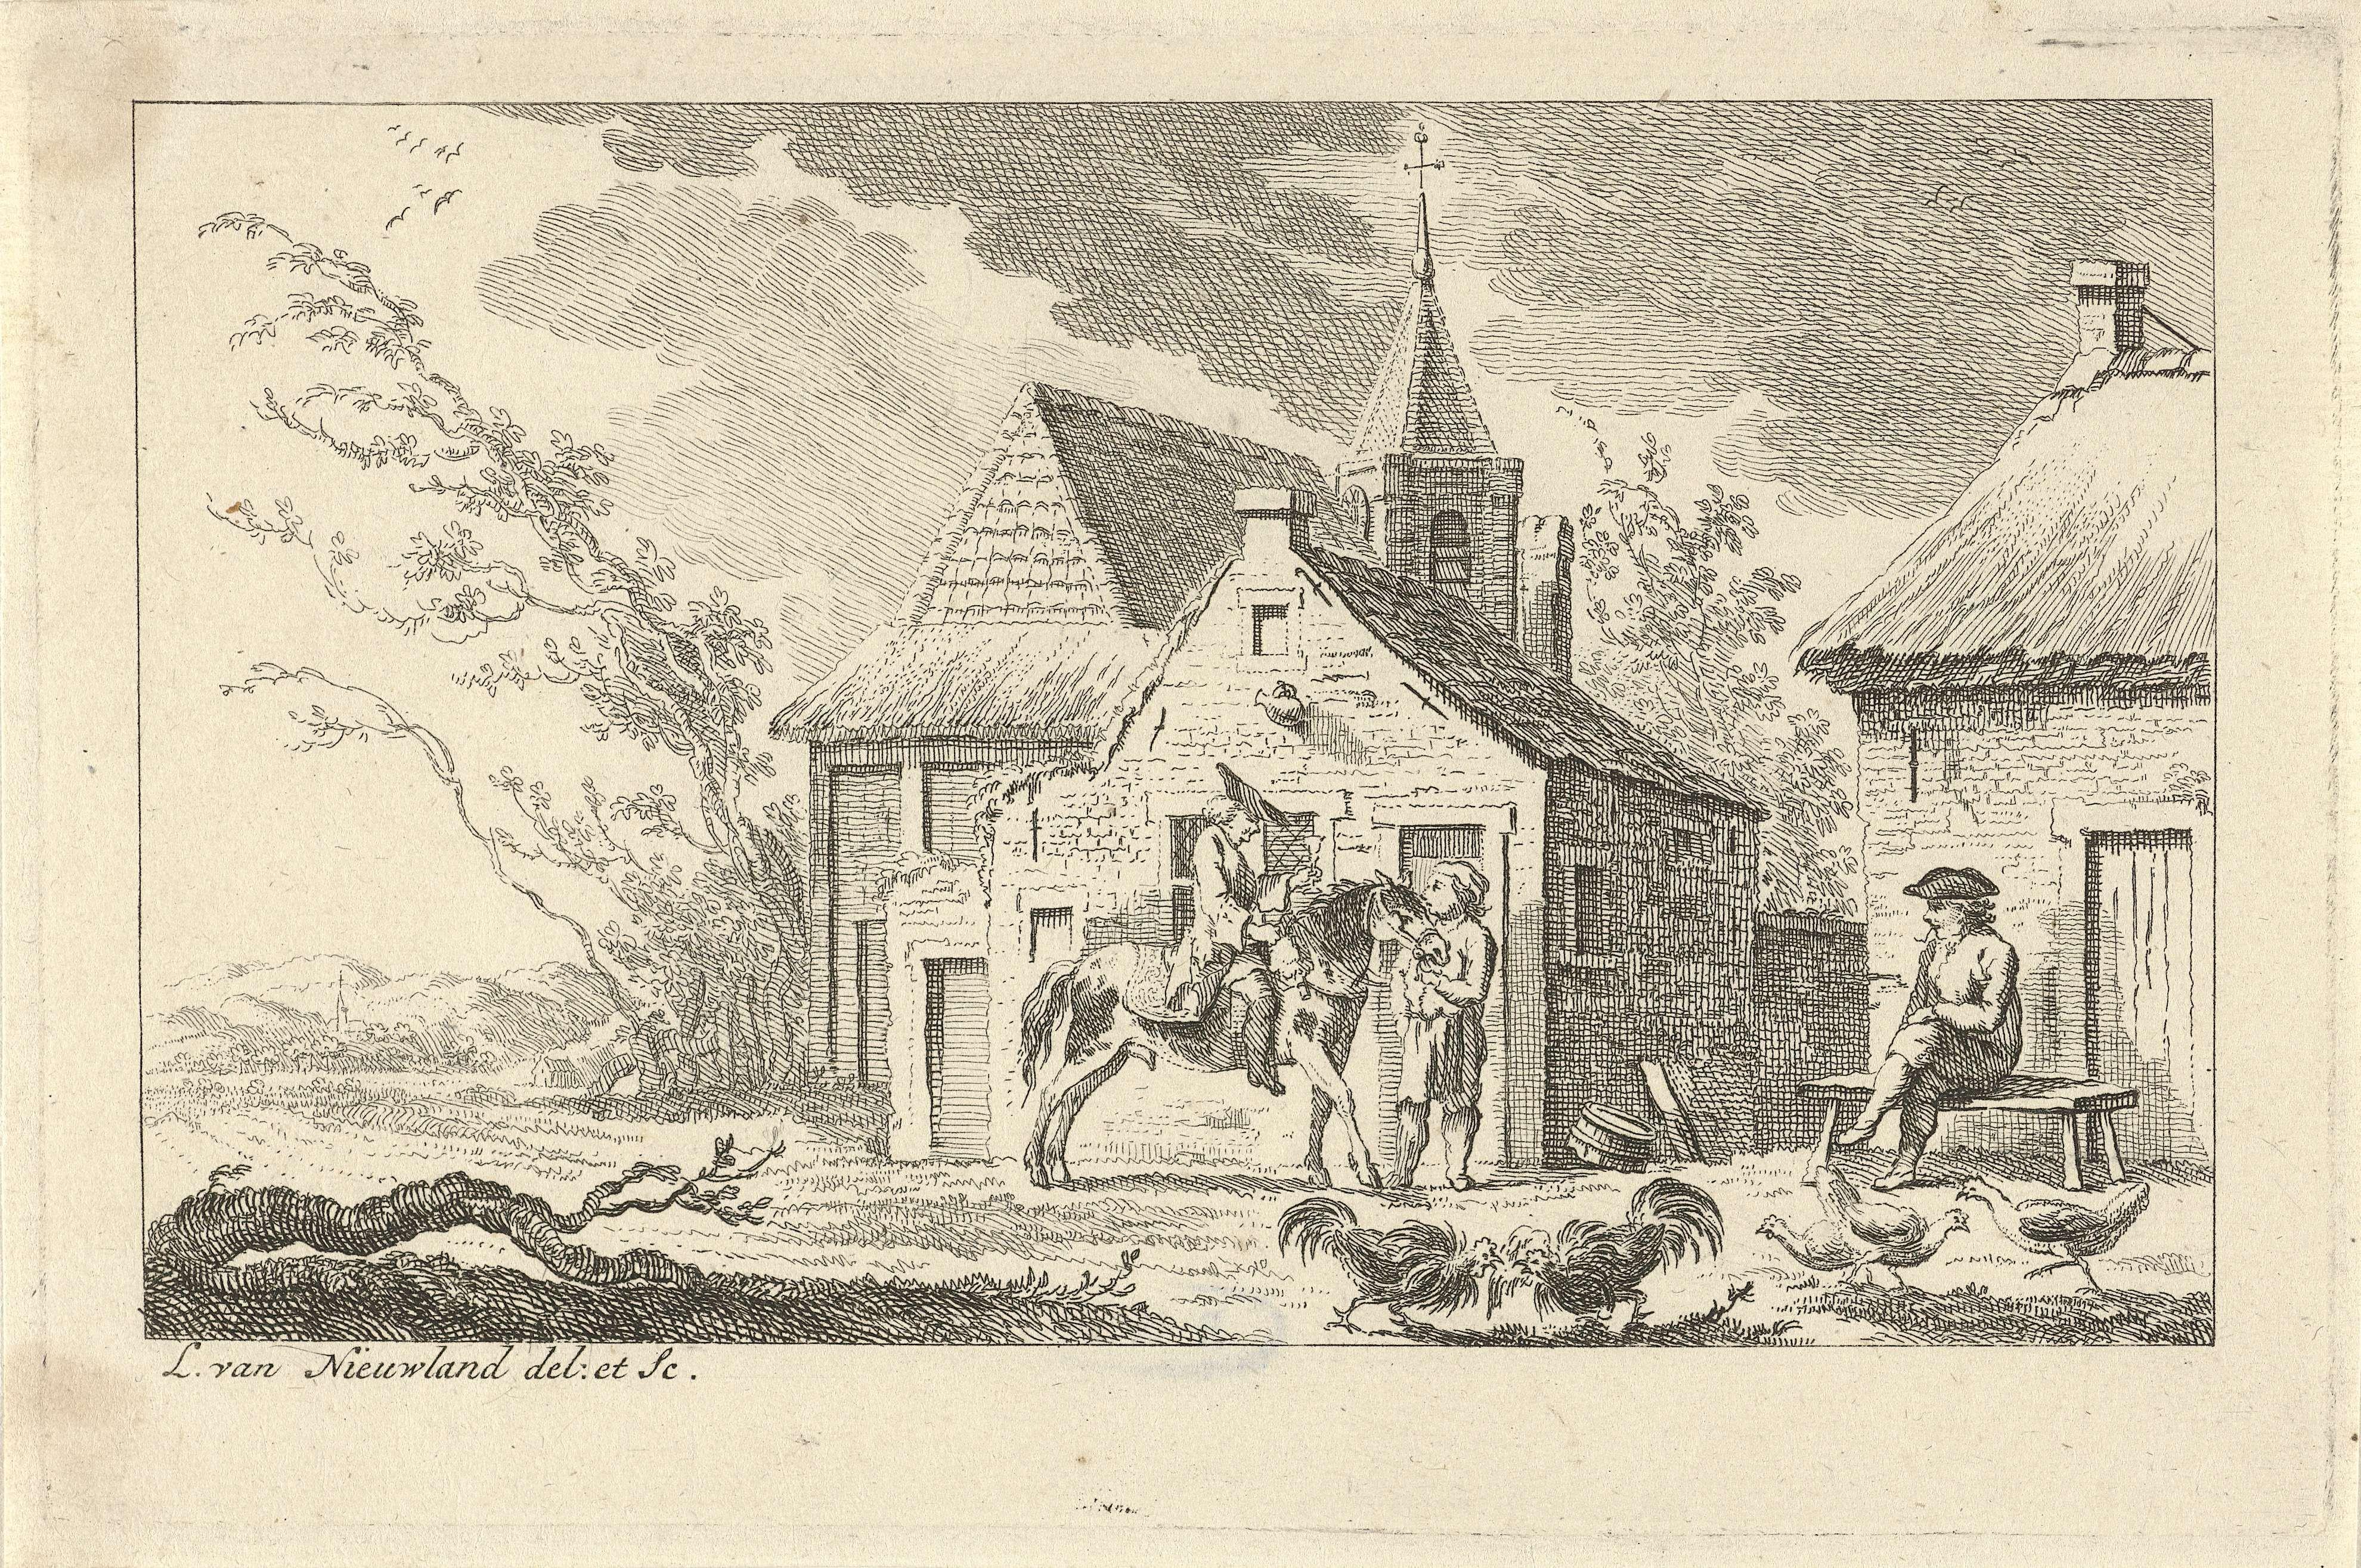 Isaac Lodewijk la Fargue van Nieuwland | Erf met ruiter, Isaac Lodewijk la Fargue van Nieuwland, 1763 | Erf met ruiter en twee figuren, op de achtergrond een kerk.